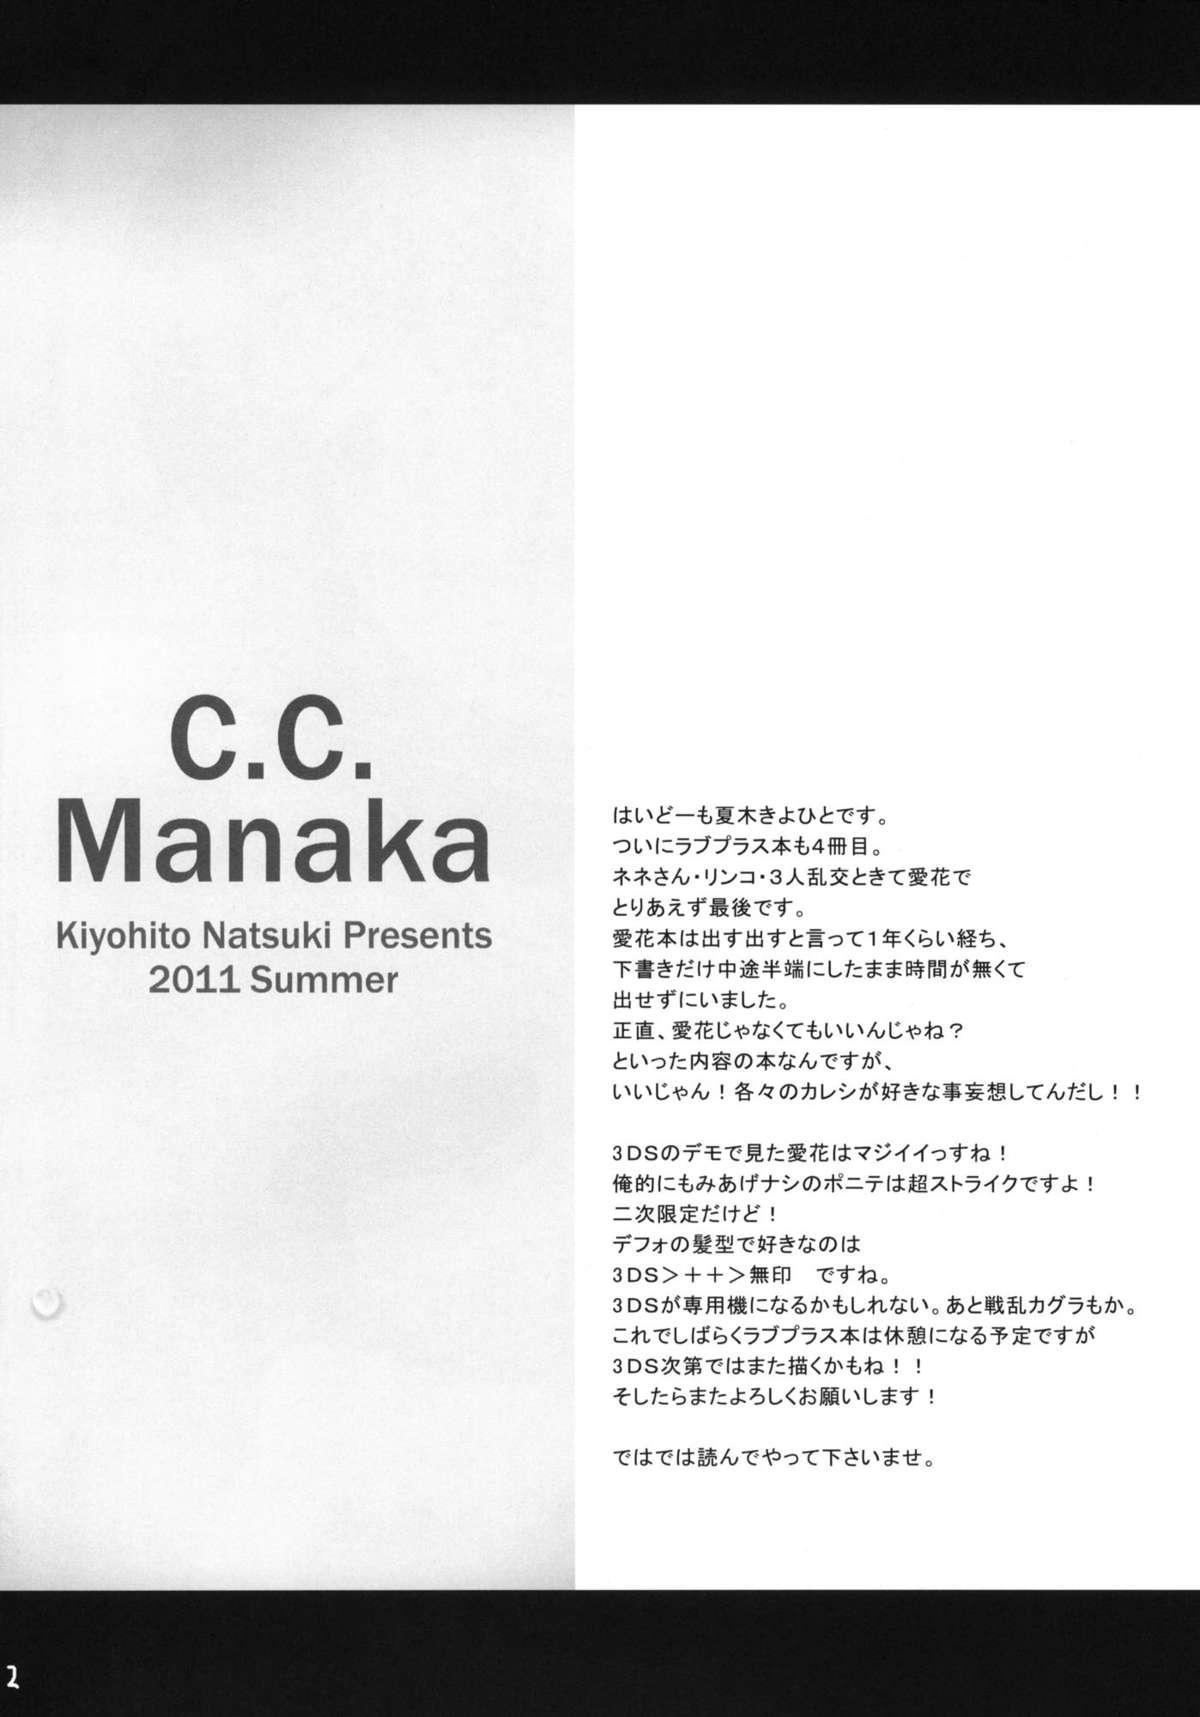 C.C.Manaka 2